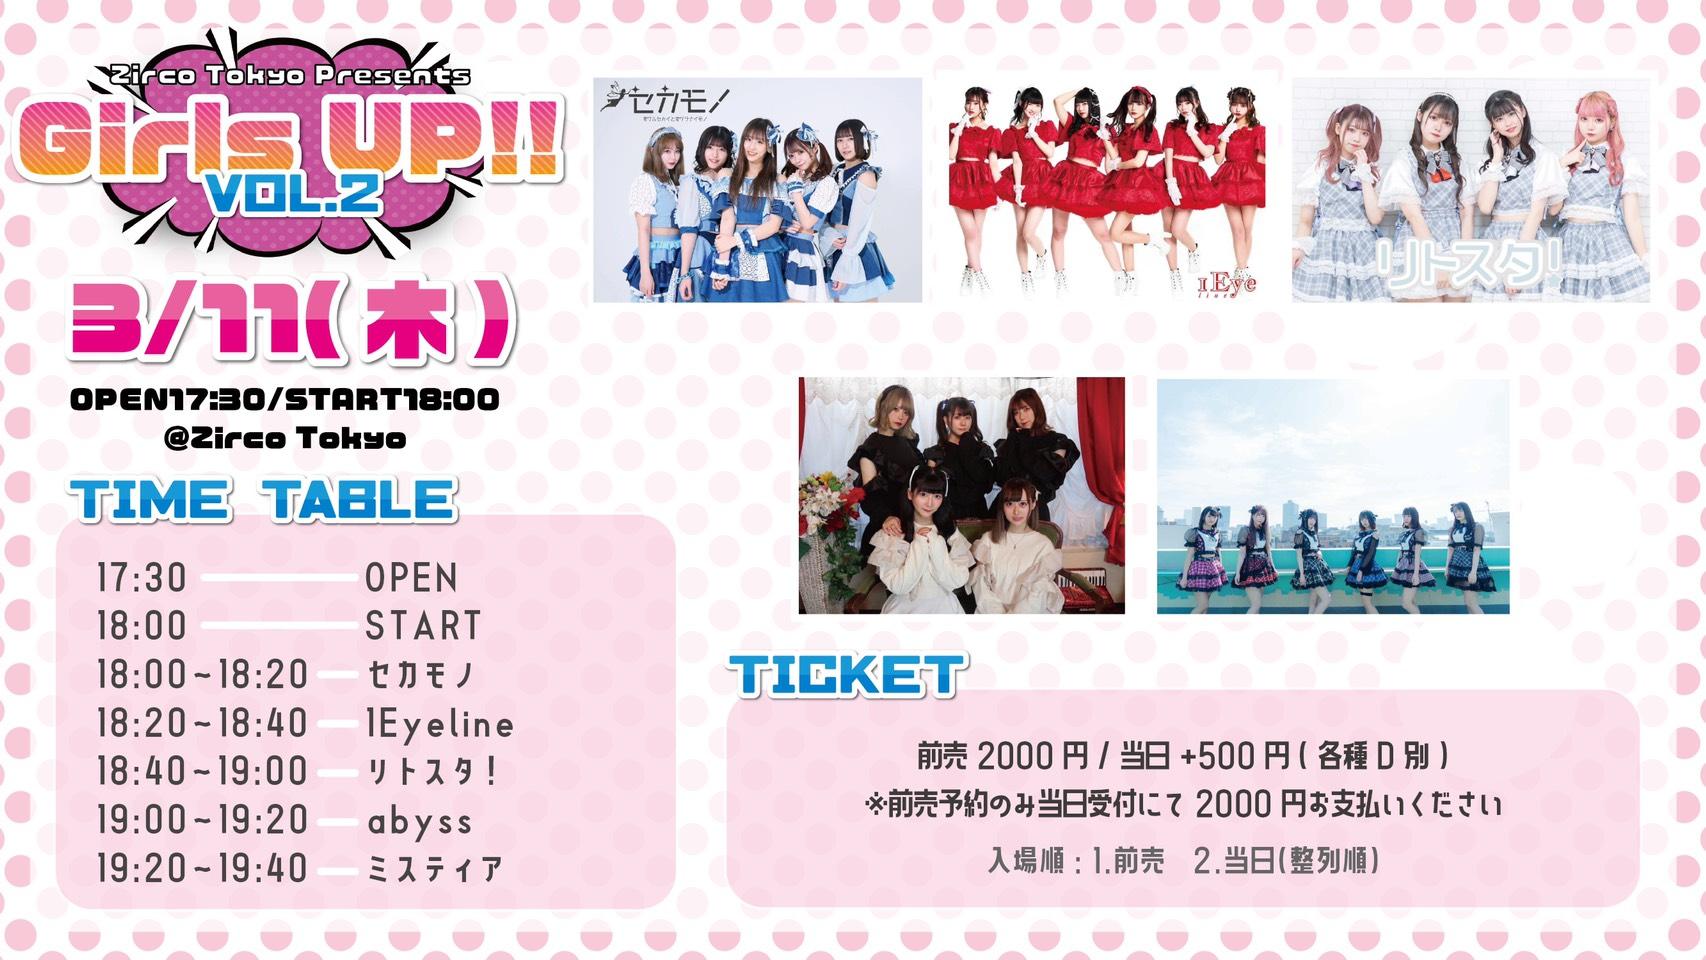 Zirco Tokyo Presents GirlsUP!! Vol.2